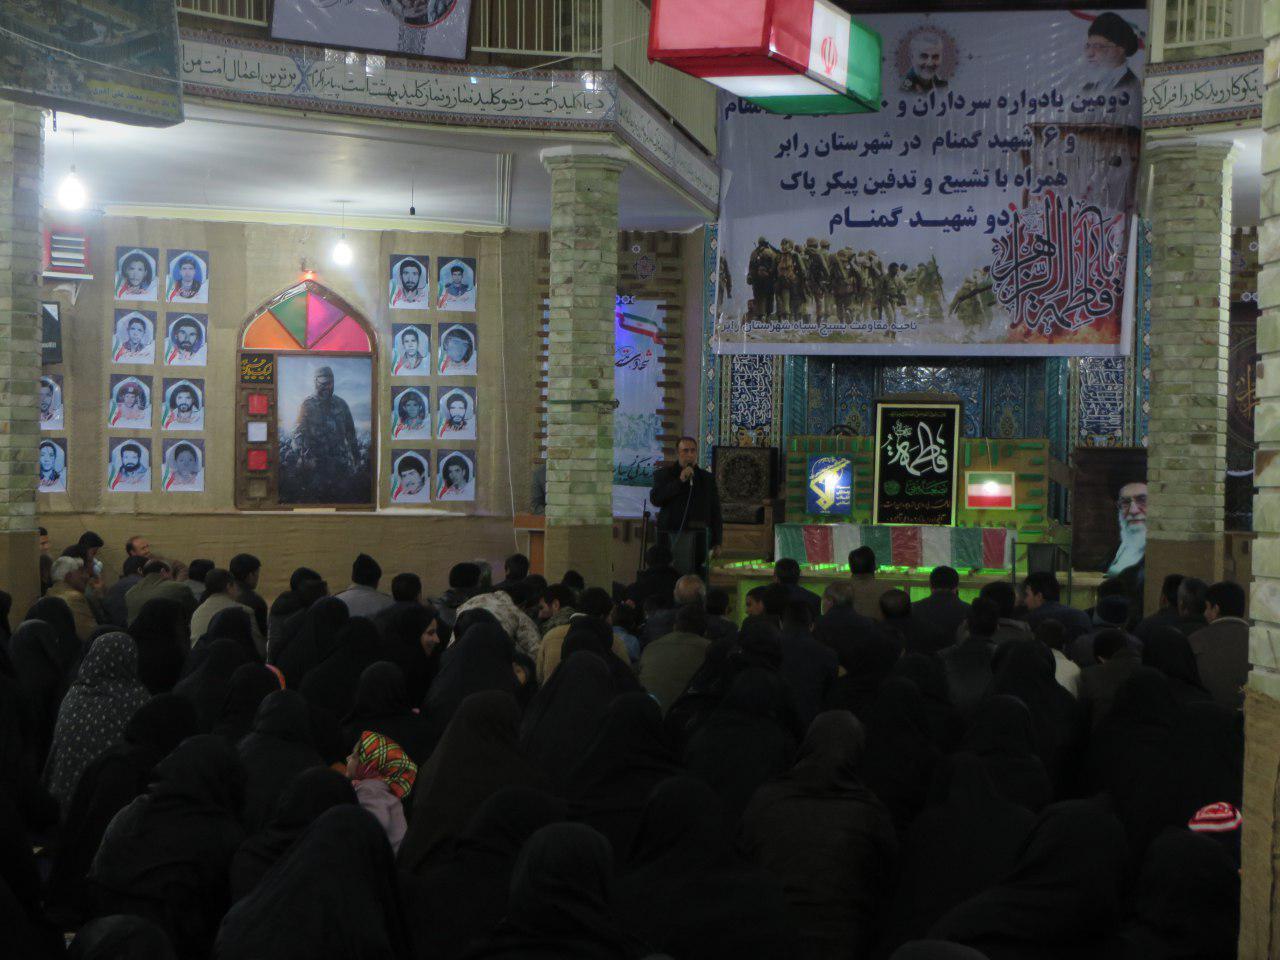 مراسم شب وداع با دو شهید گمنام شهر هنزاء در مسجد جامع برگزار شد/تصاویر